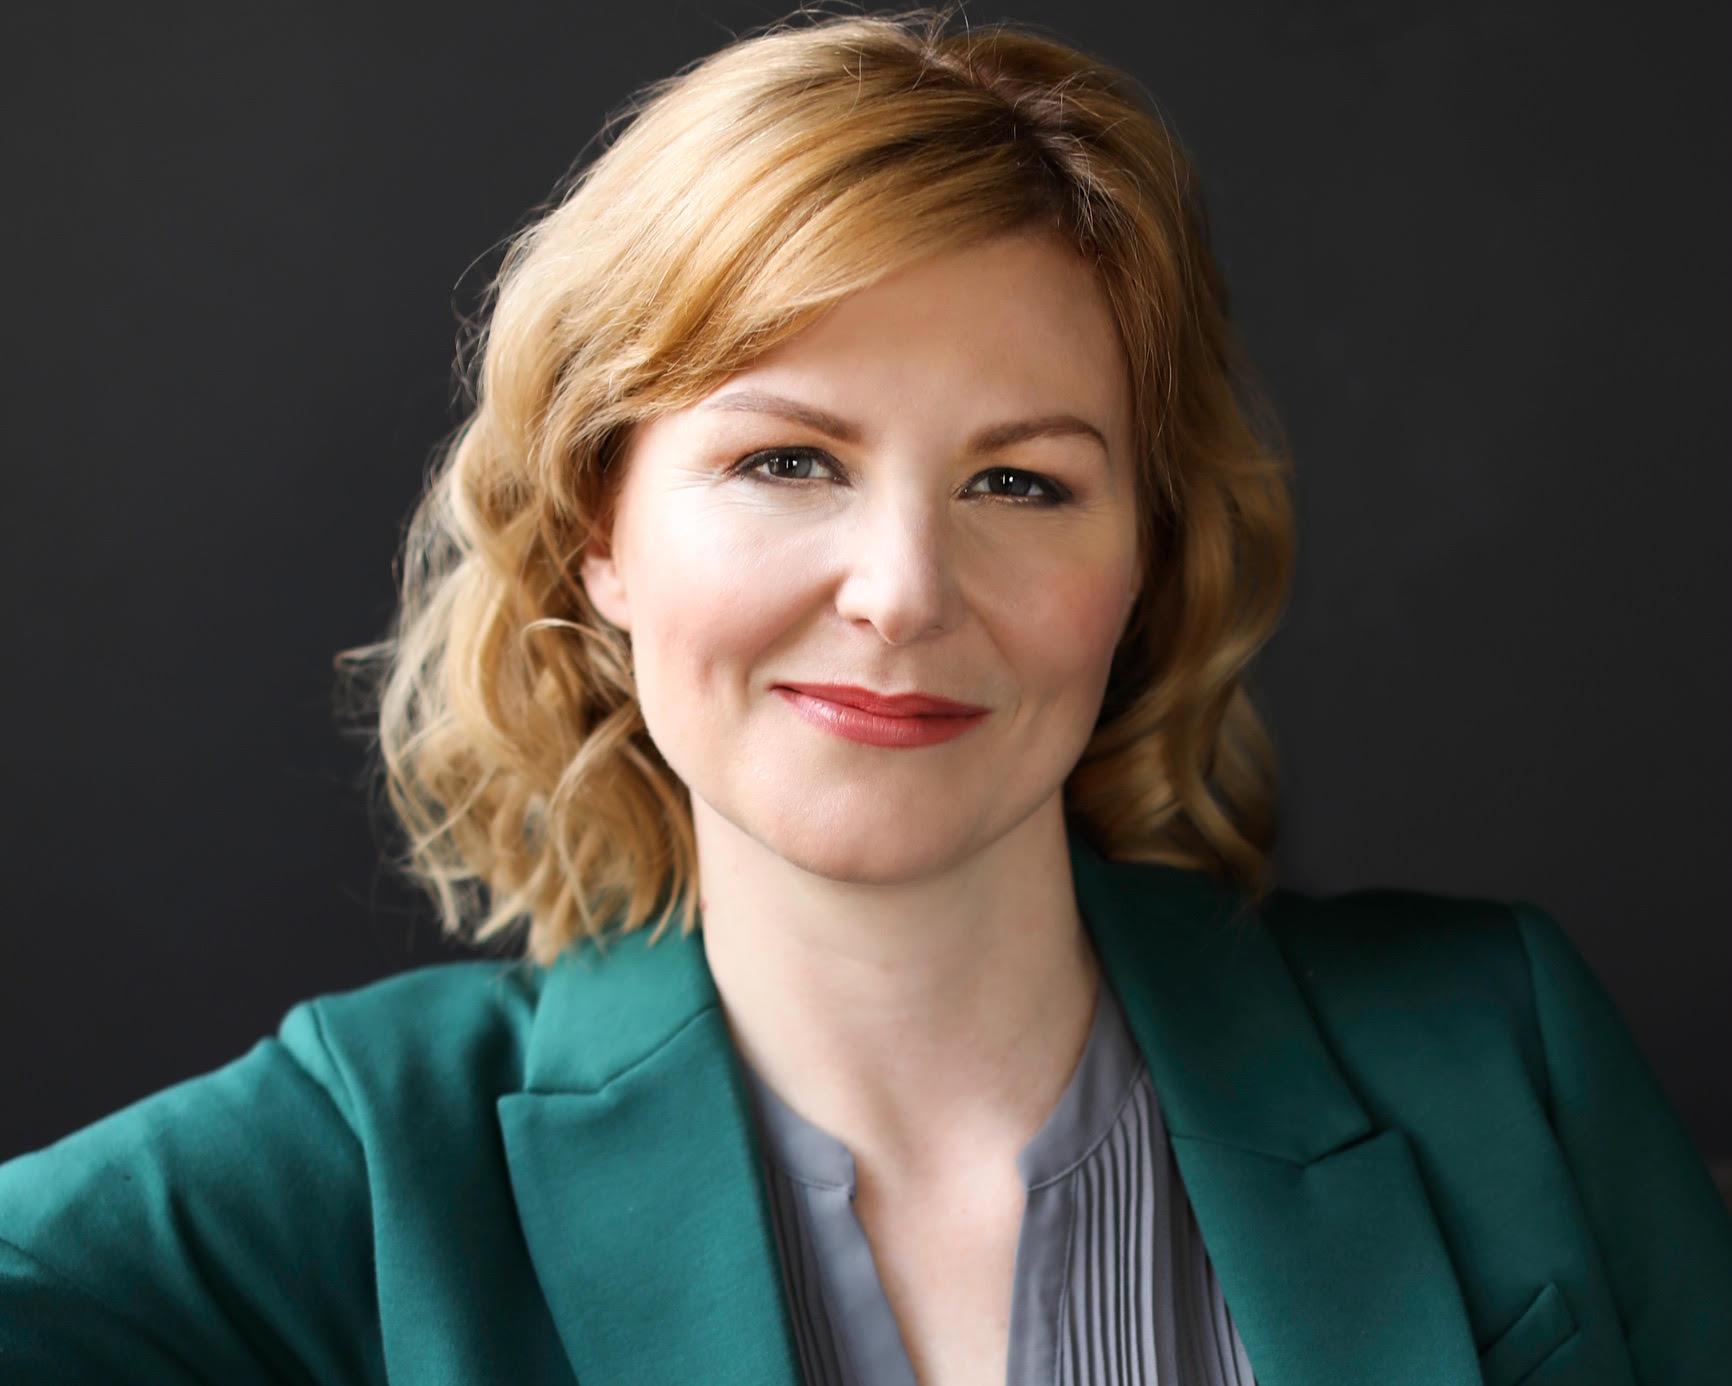 Jenn Robertson